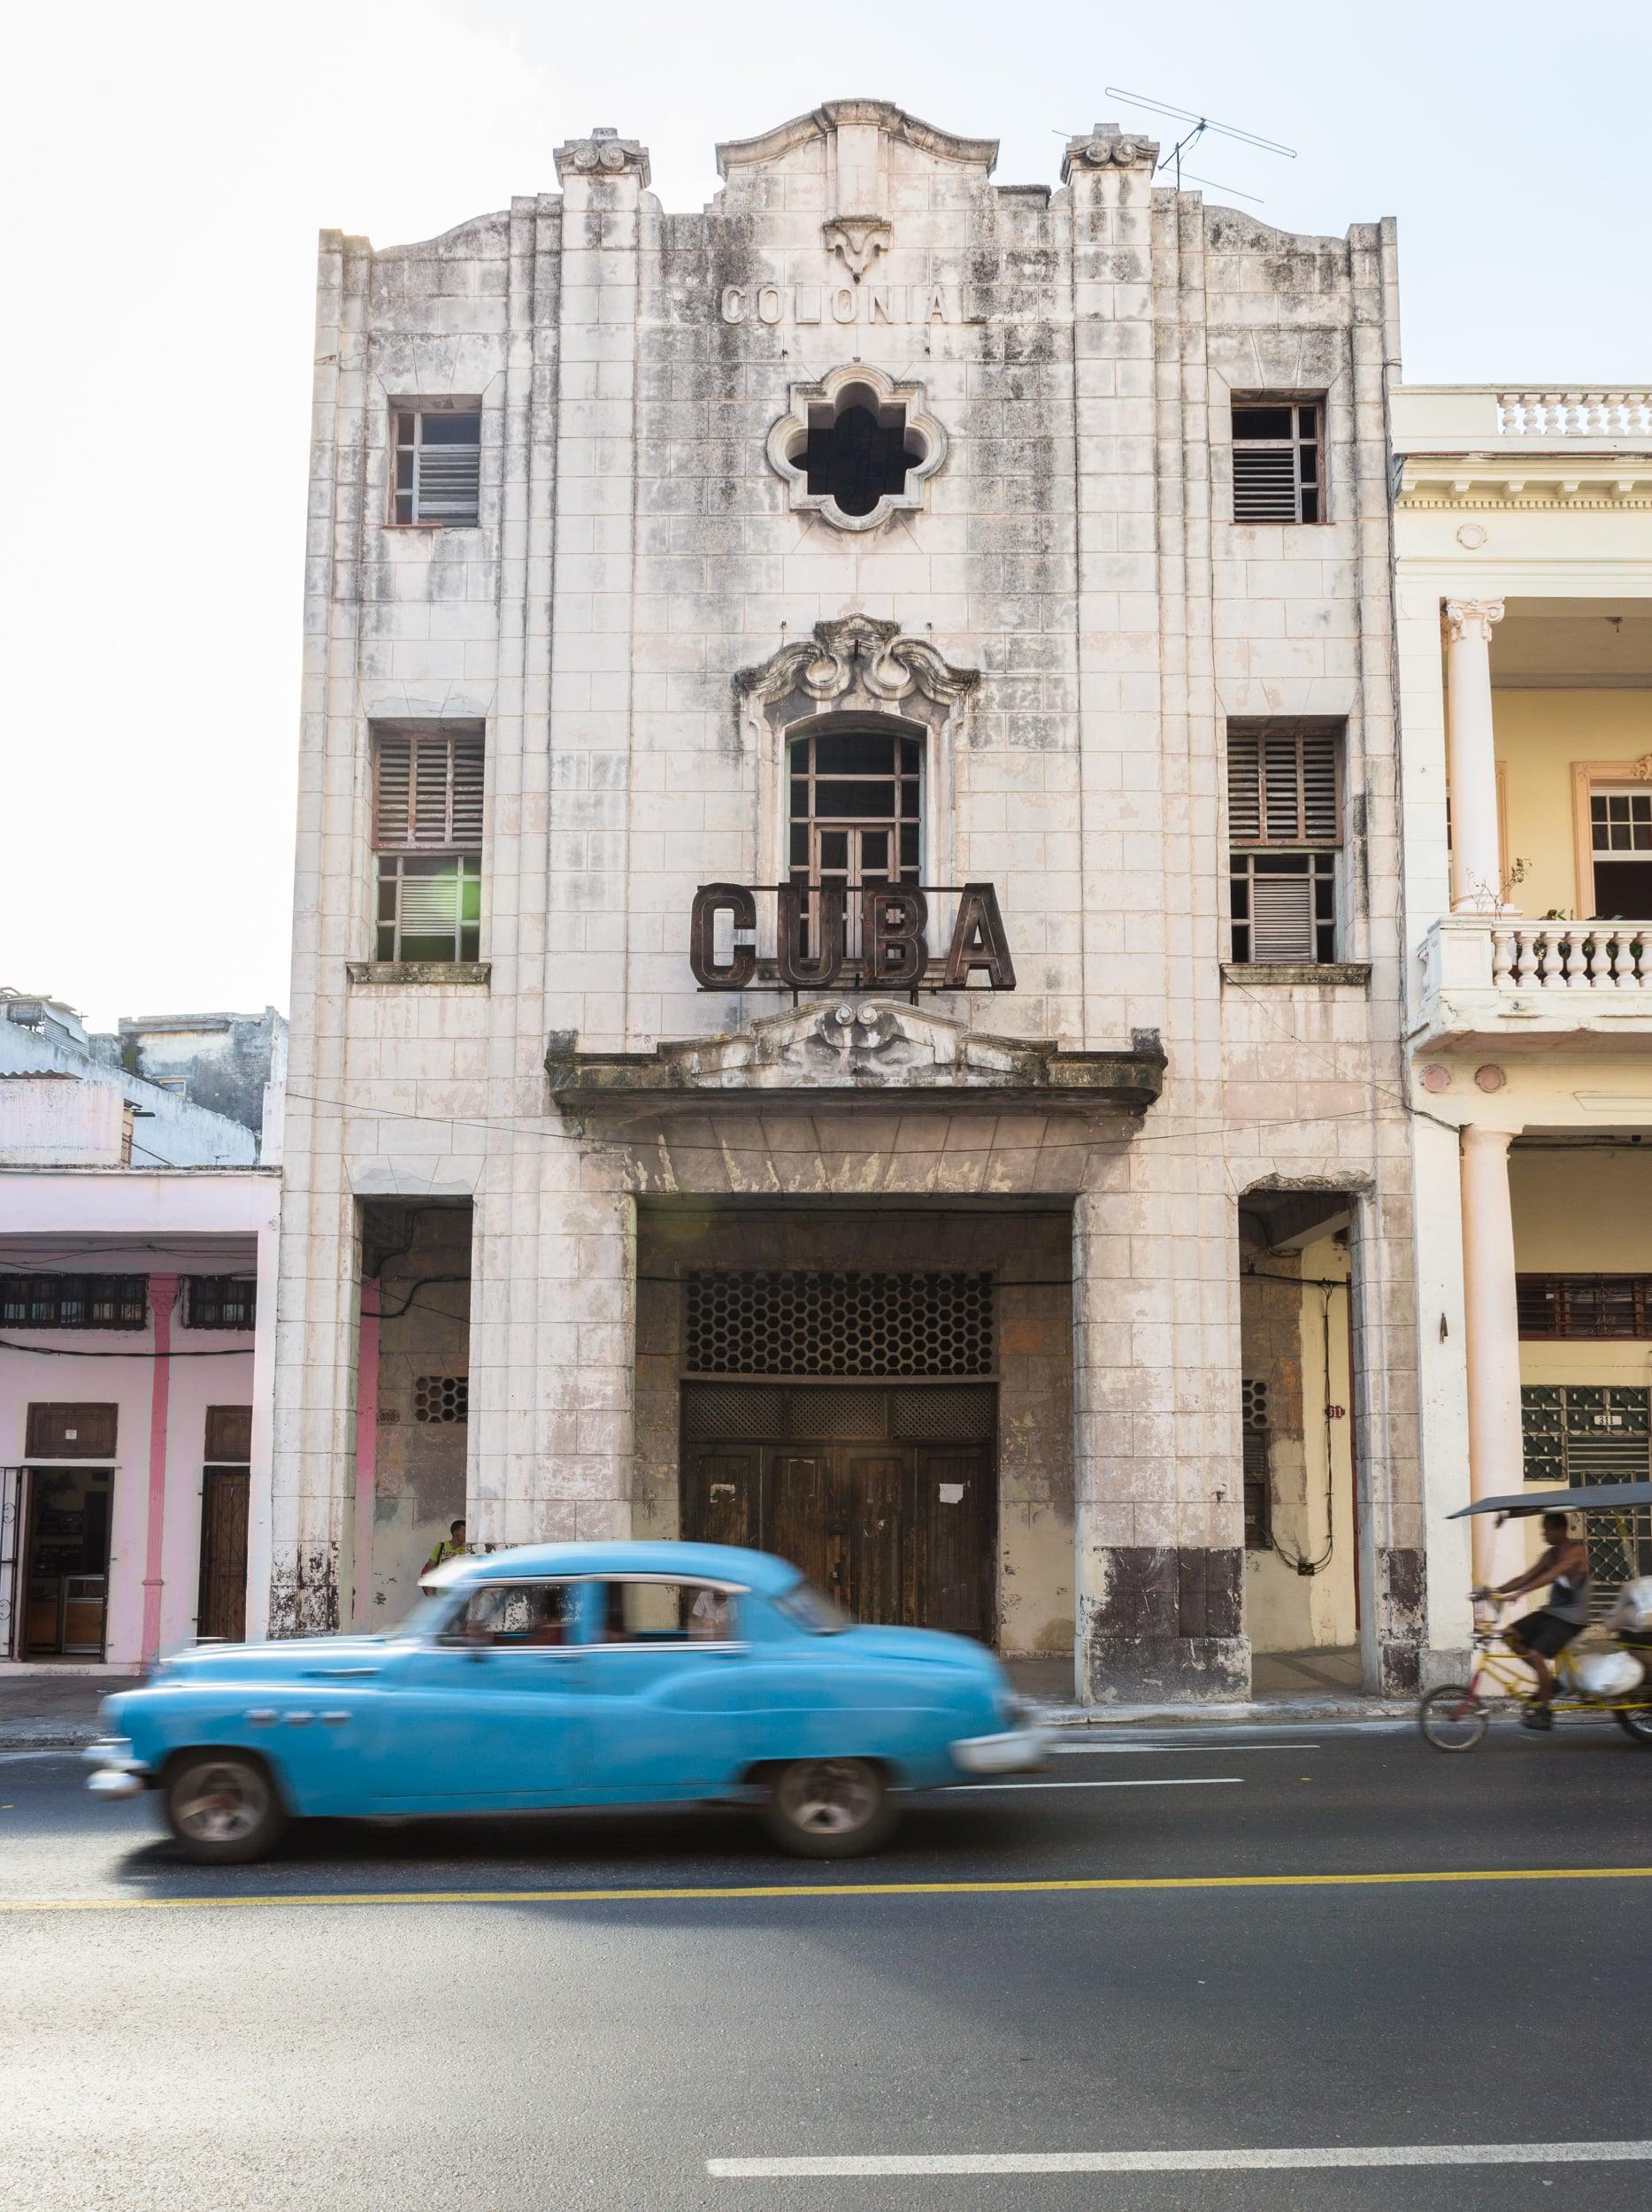 La Habana, Cuba. 2015